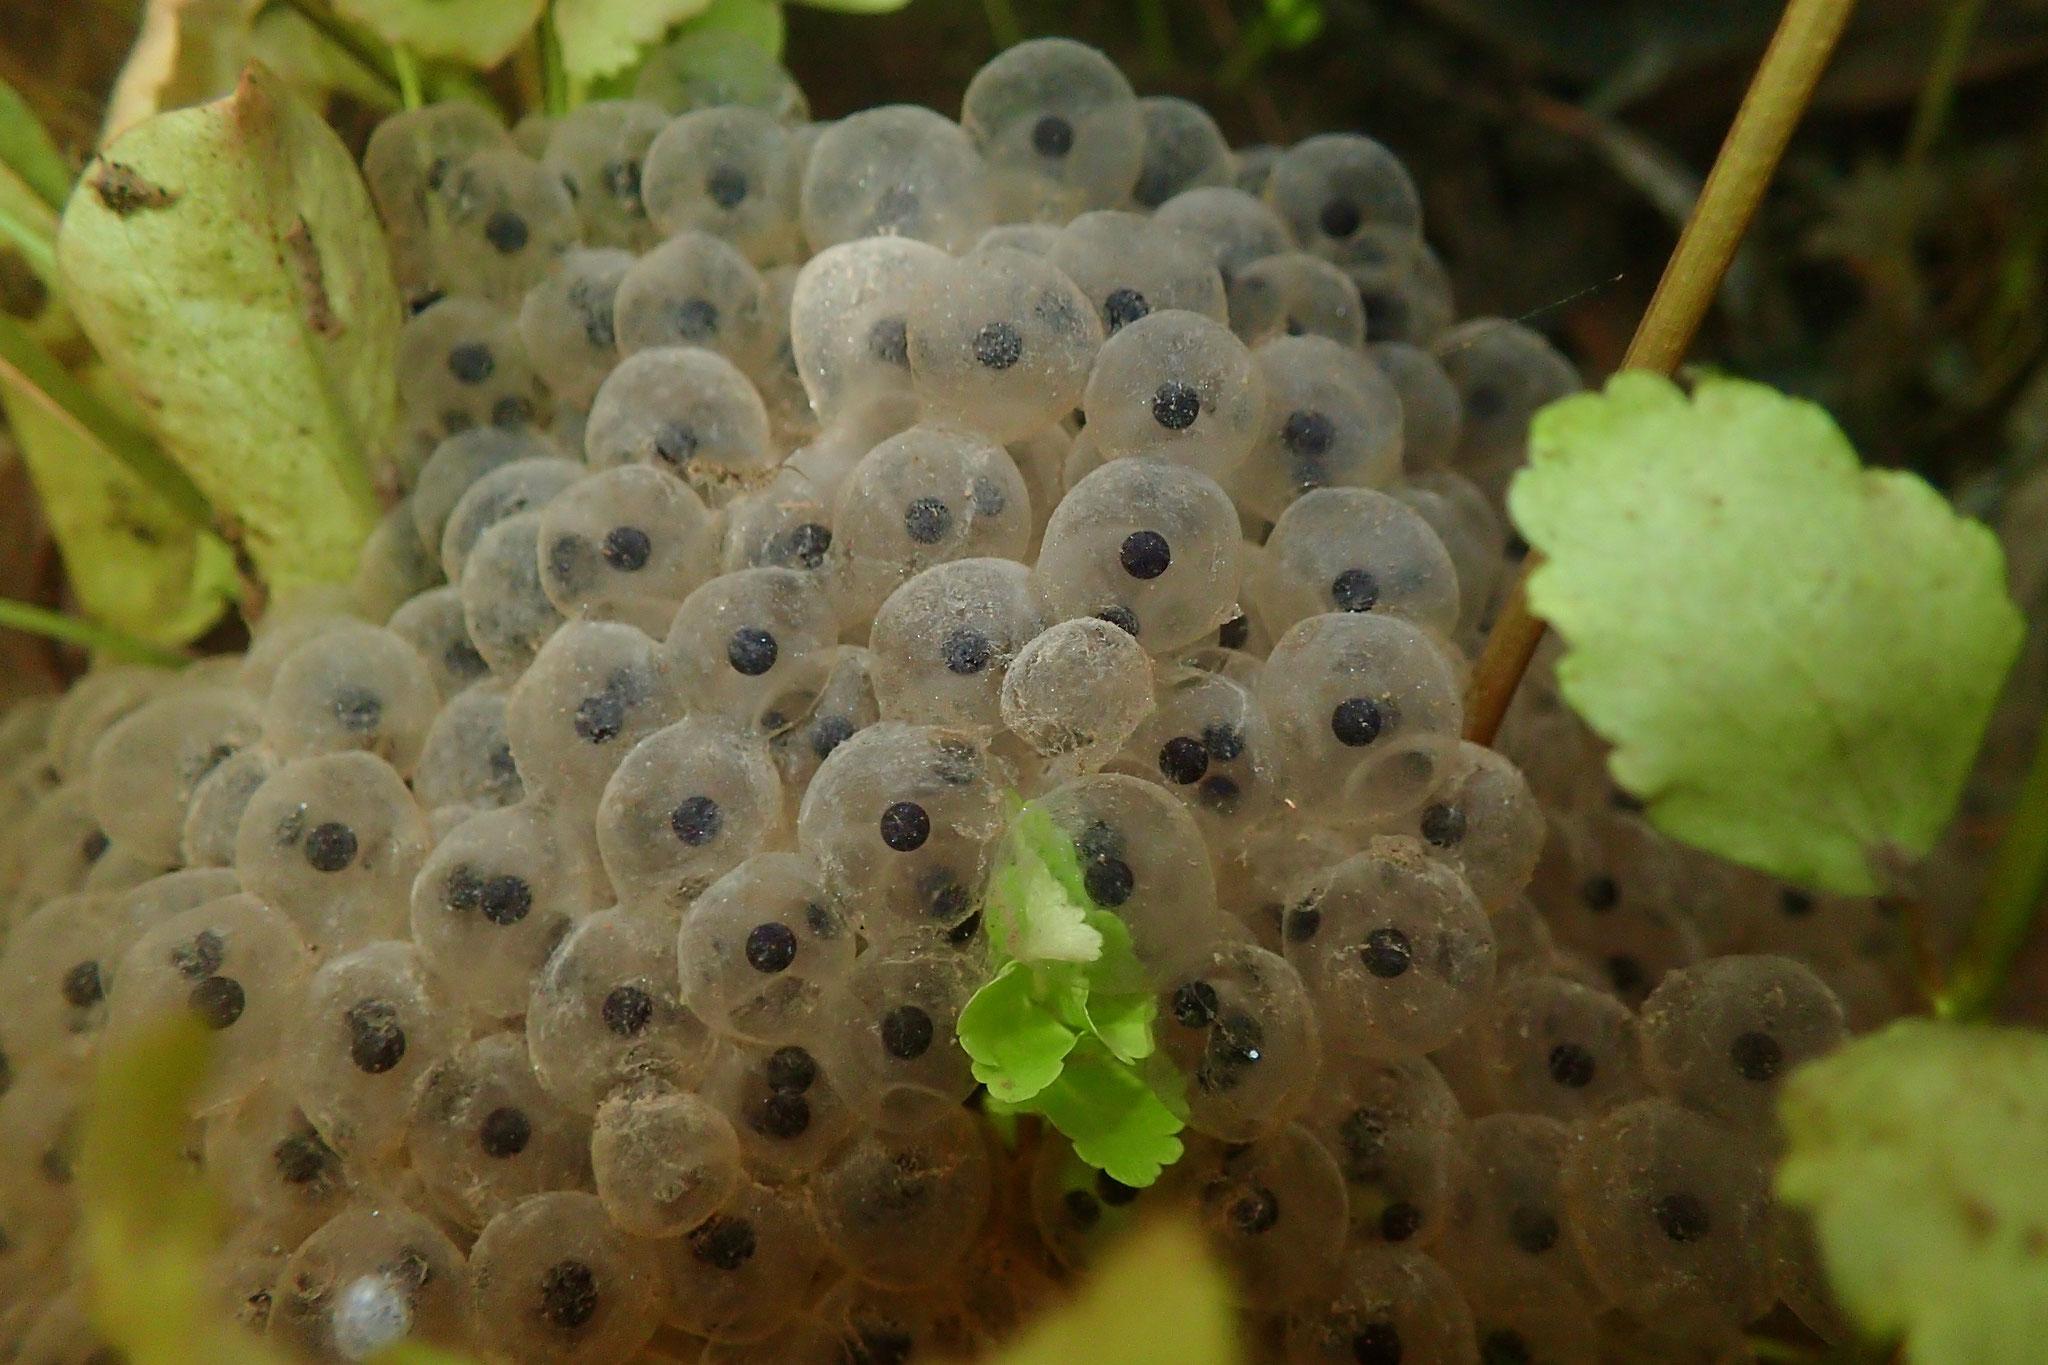 Masa de huevos de rana de patas rojas (Rana draytonii)